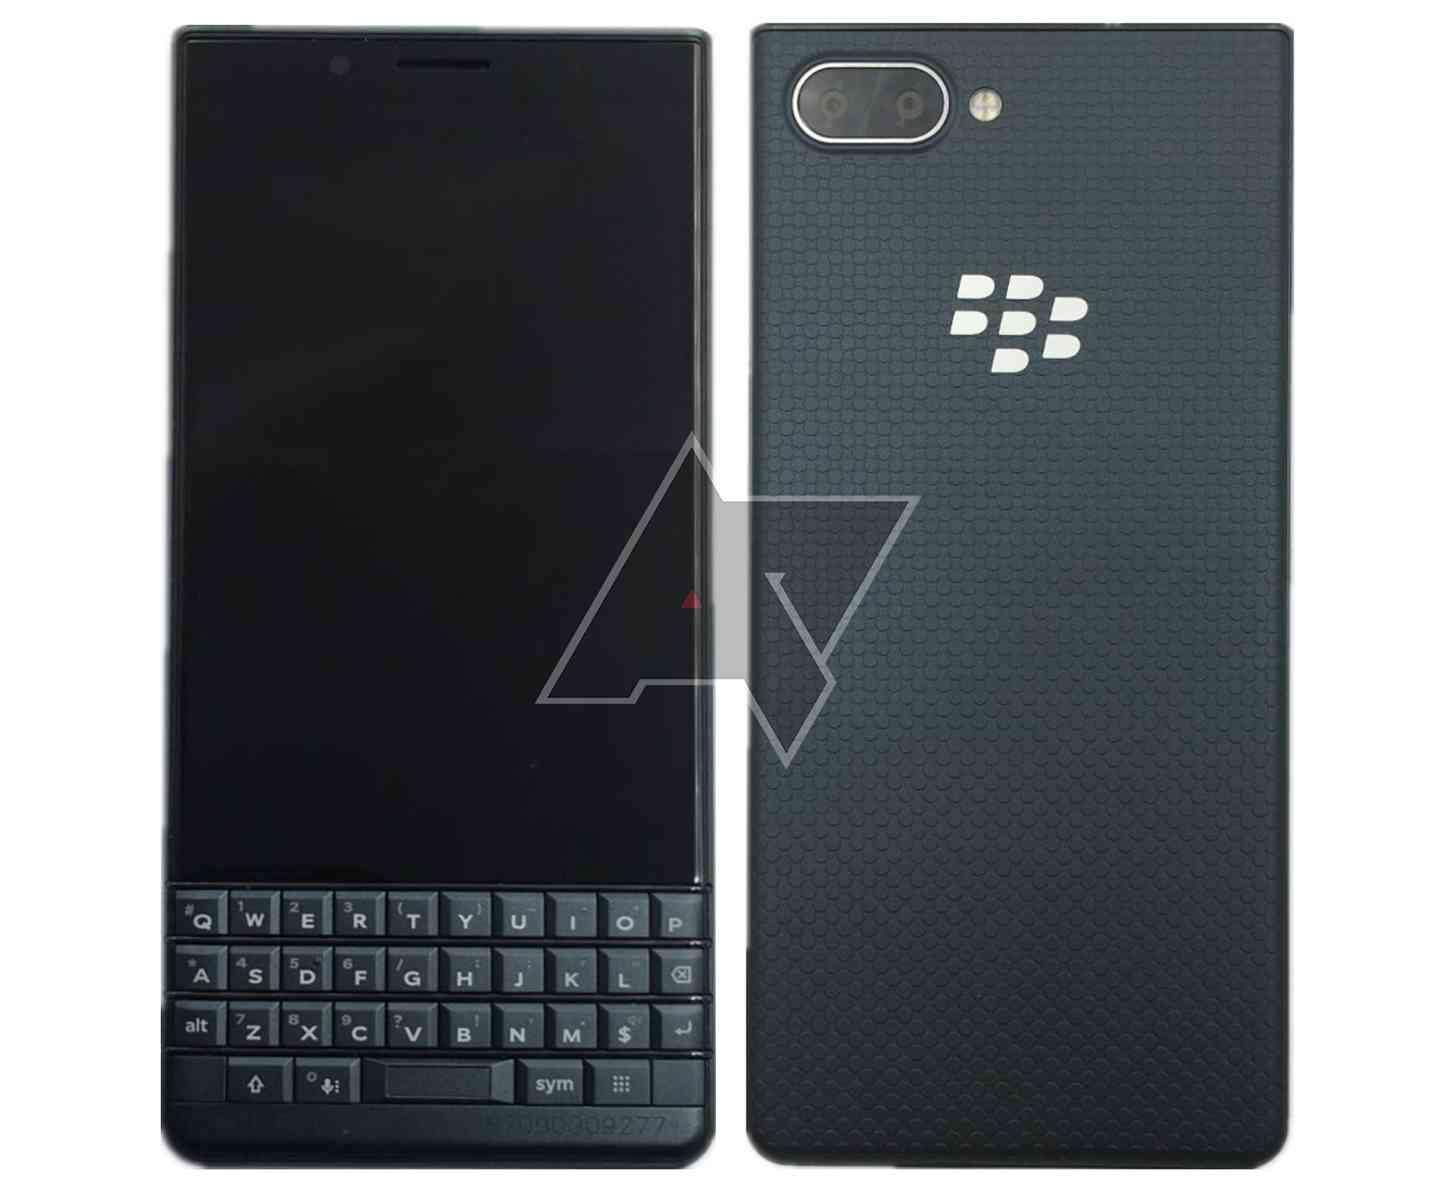 BlackBerry KEY2 LE images leak